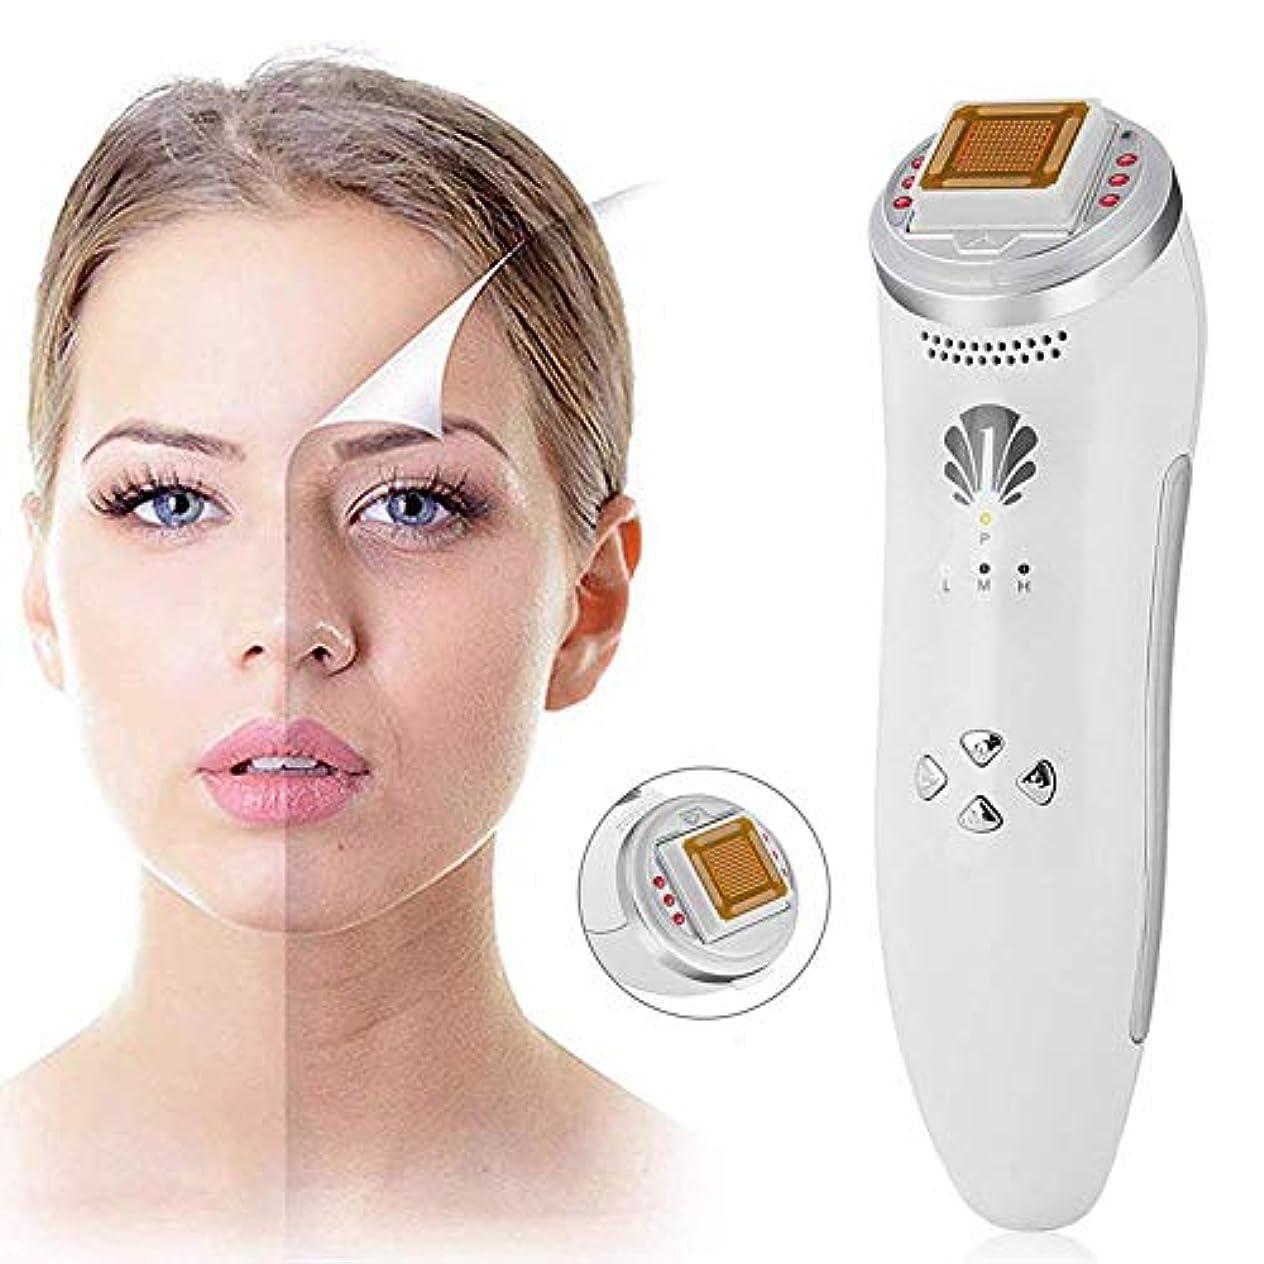 支給収束する弱点しわのためのフェイスリフト装置の皮のきつく締まる機械は顔のマッサージャー多機能のスキンケアの美の器械を取除きます